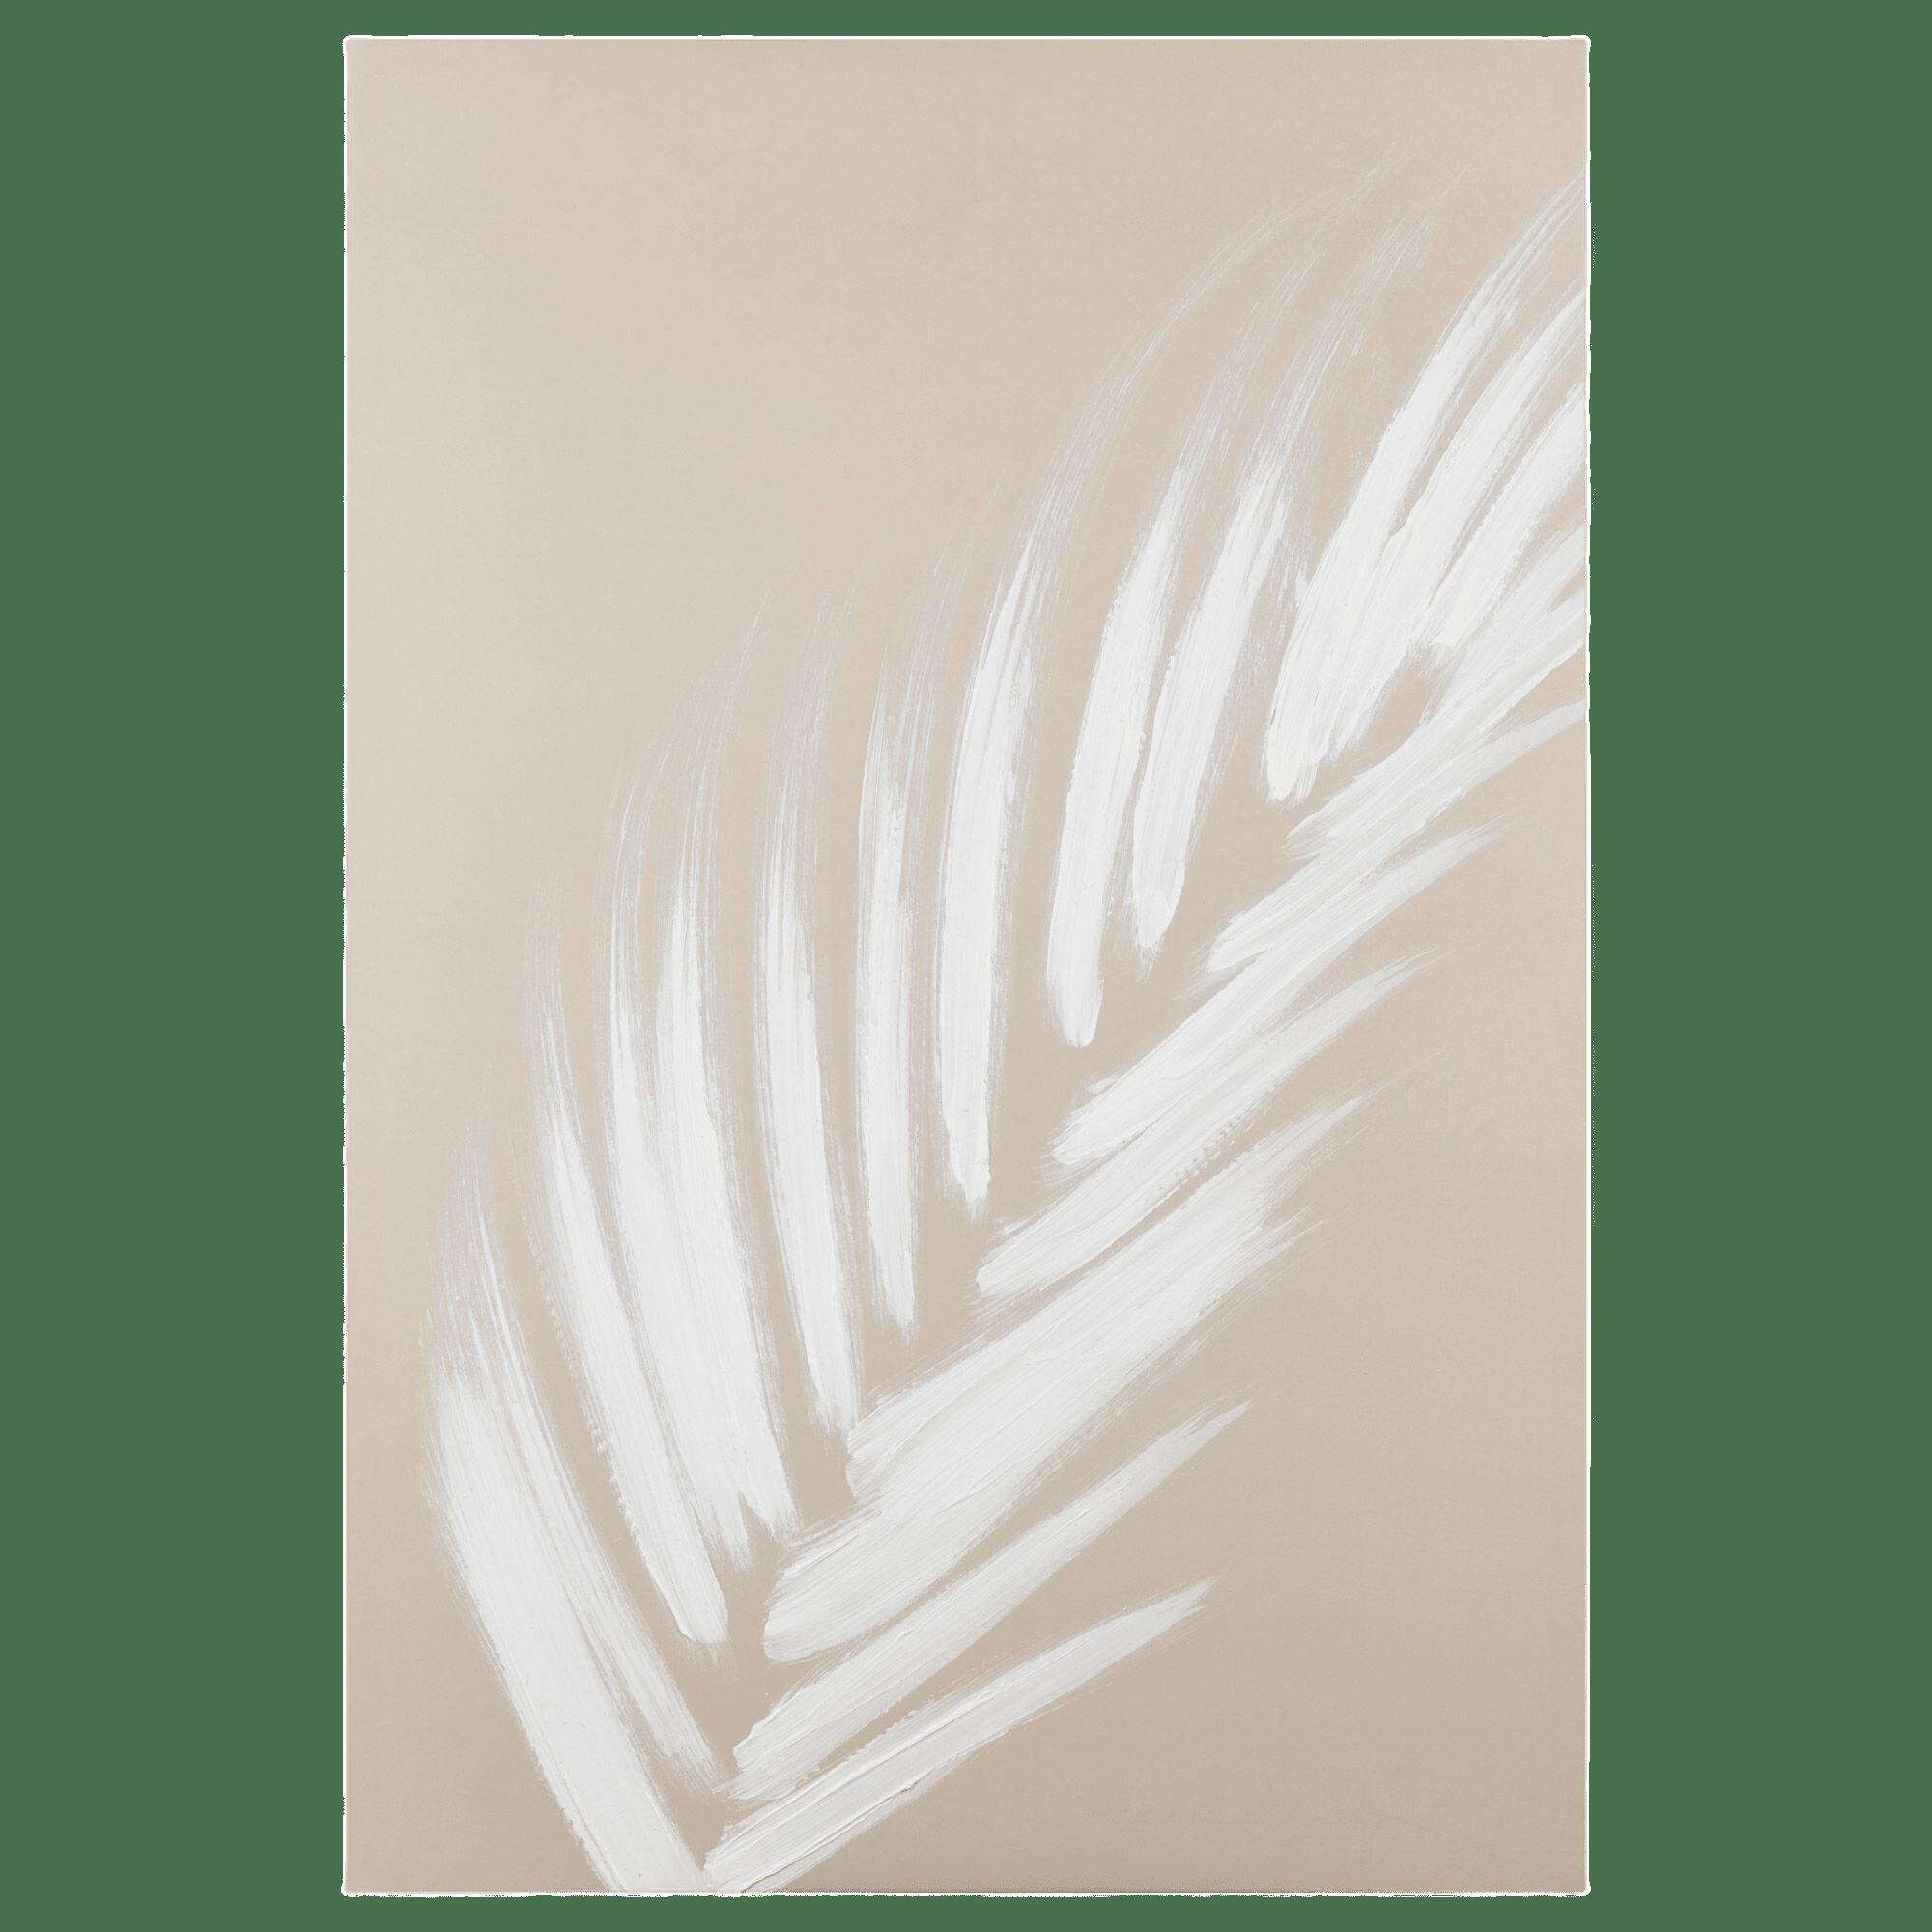 Tableau imprimé d'une feuille de palmier embellie au gel